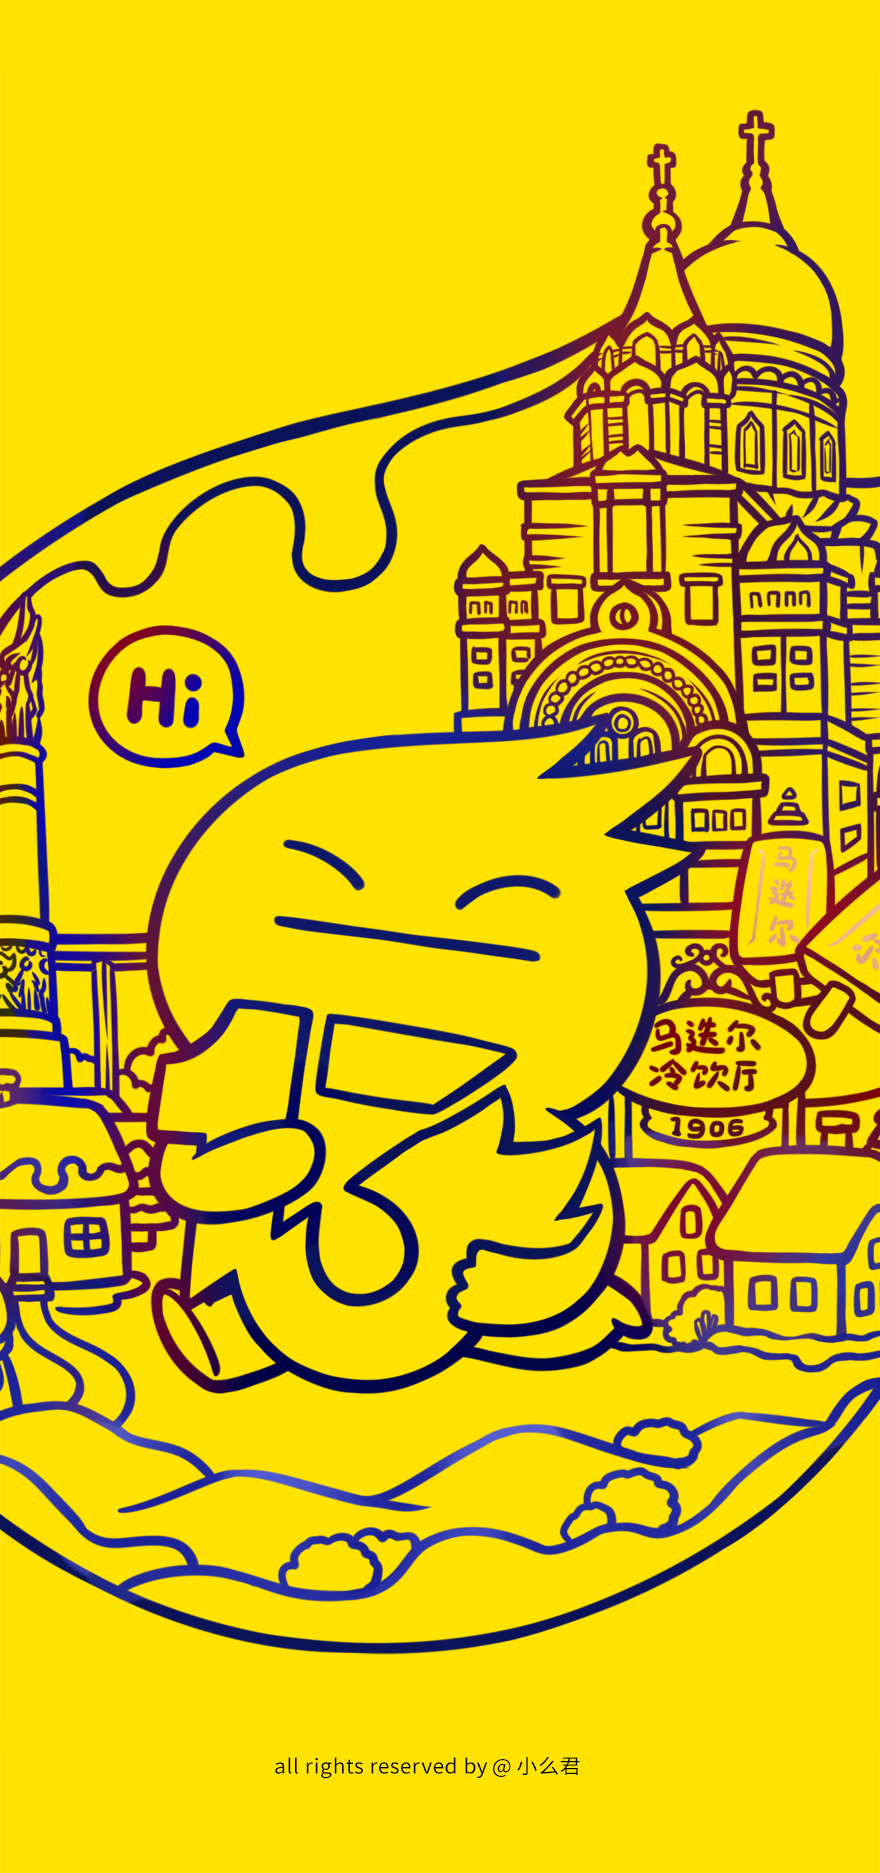 【哈尔滨站】ZCOOL站酷13周年 —— 小么君贺图